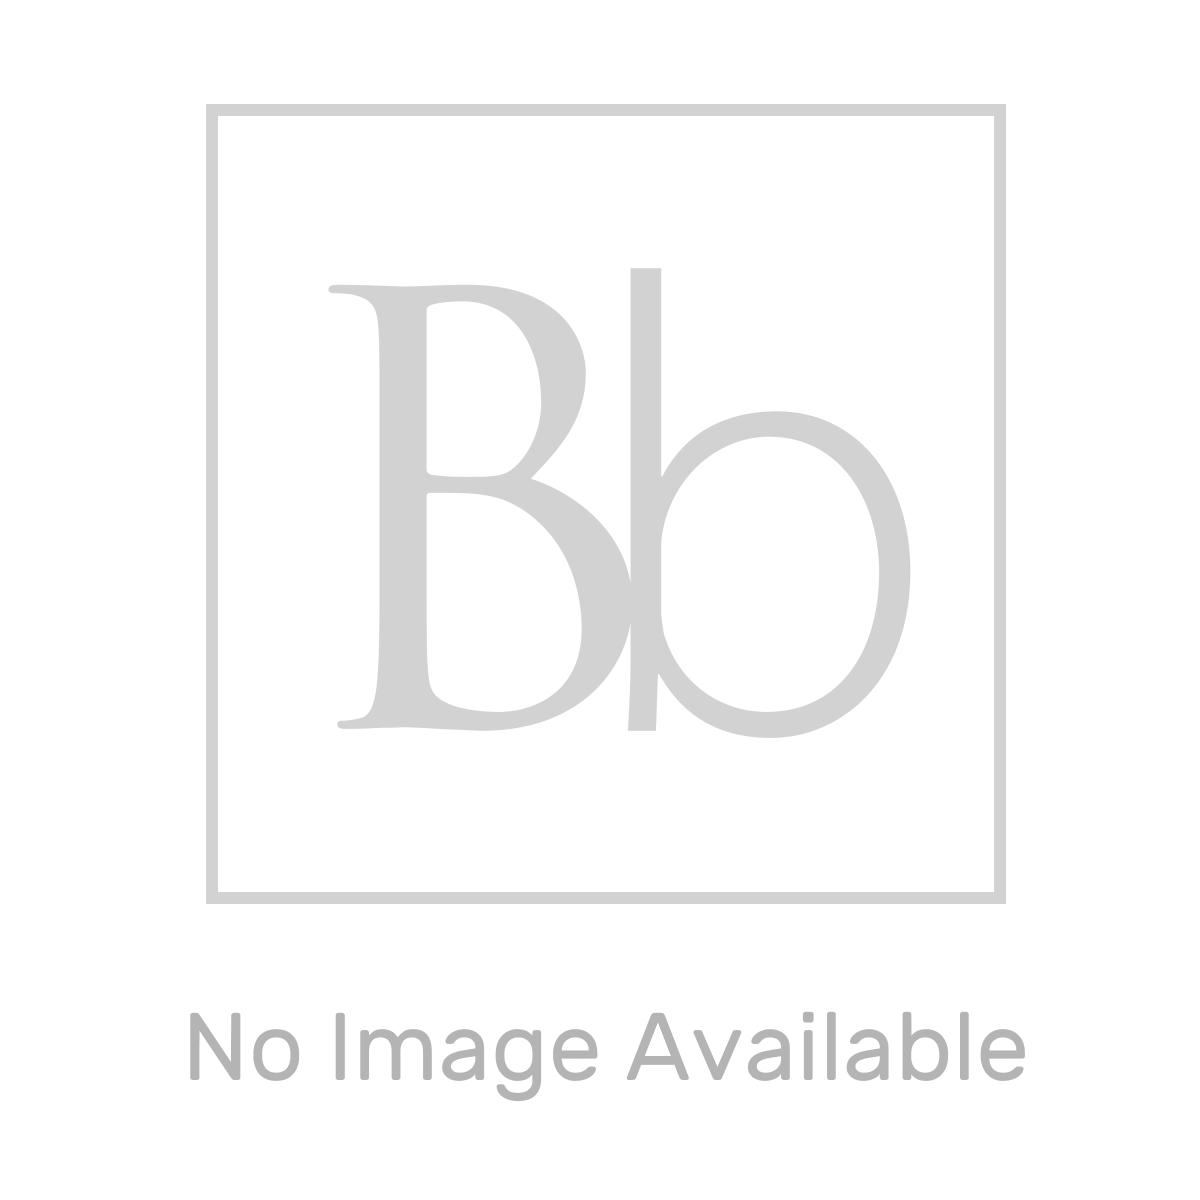 RAK Series 600 Bathroom Suite